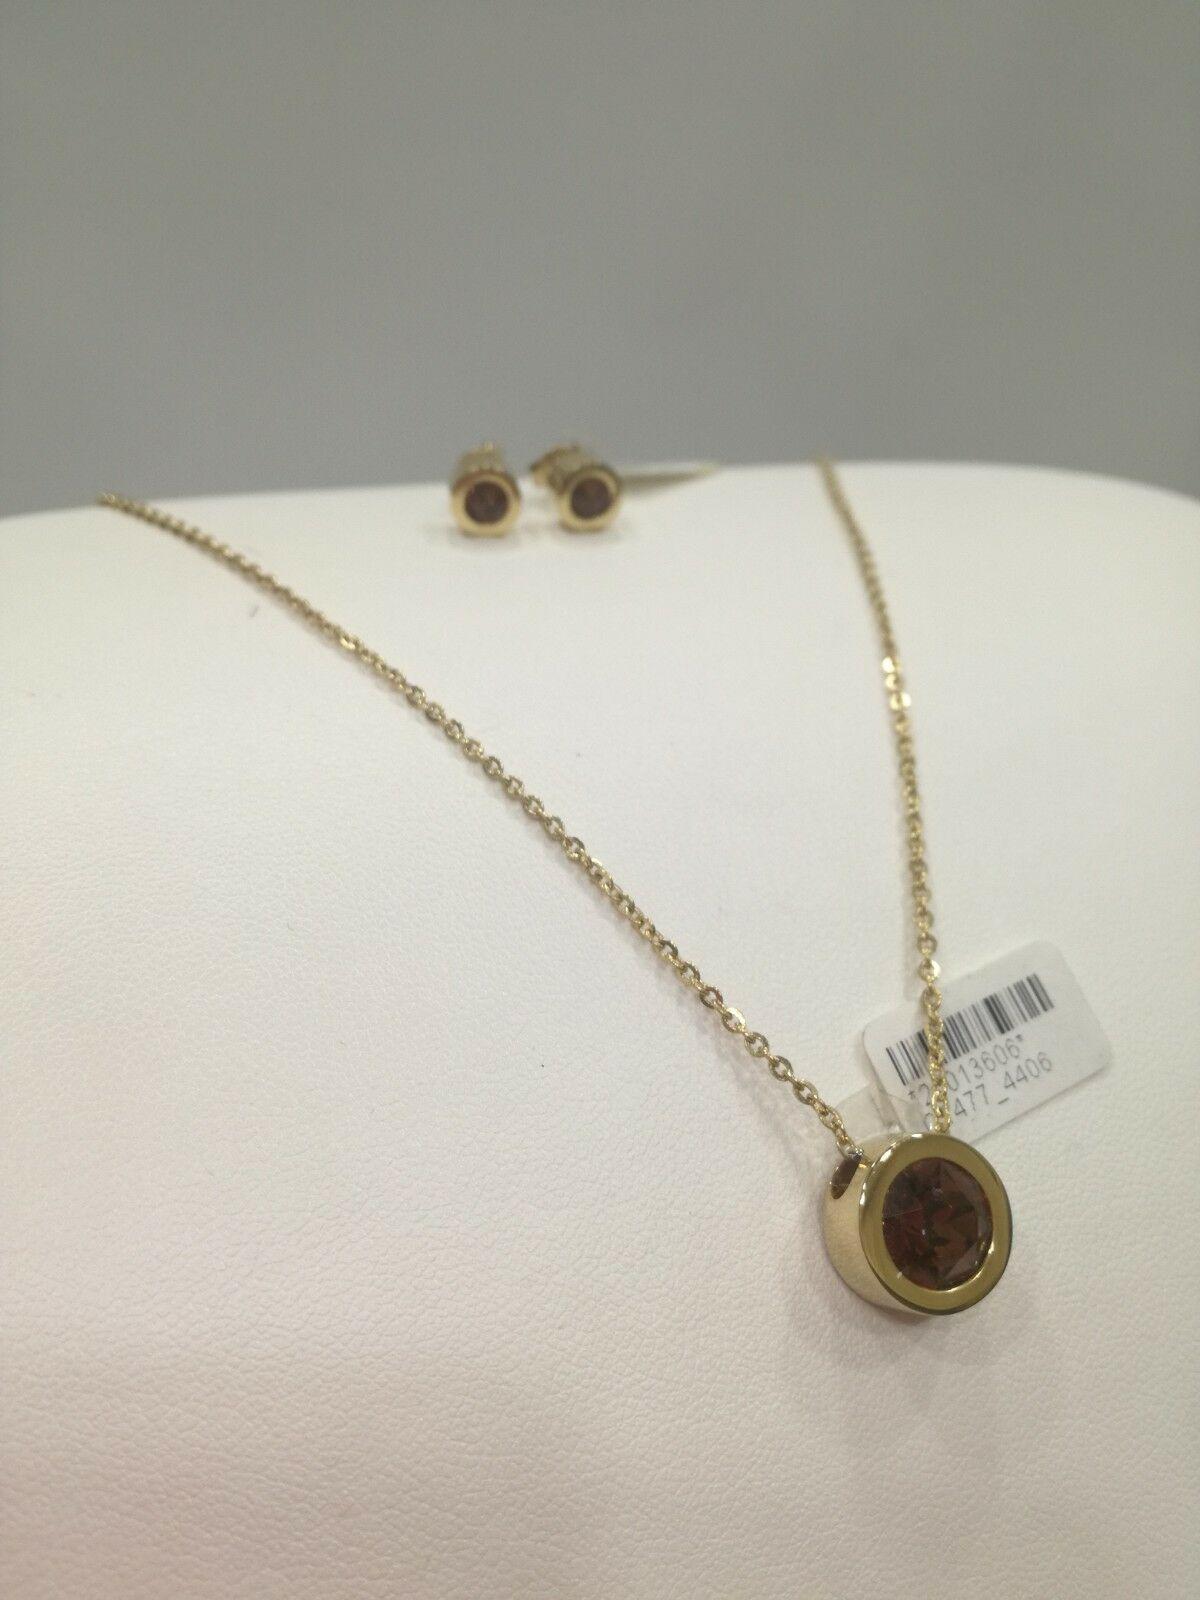 Parure donna Zoppini (collana+orecchini) con swarovski bronzo LISTINO 64